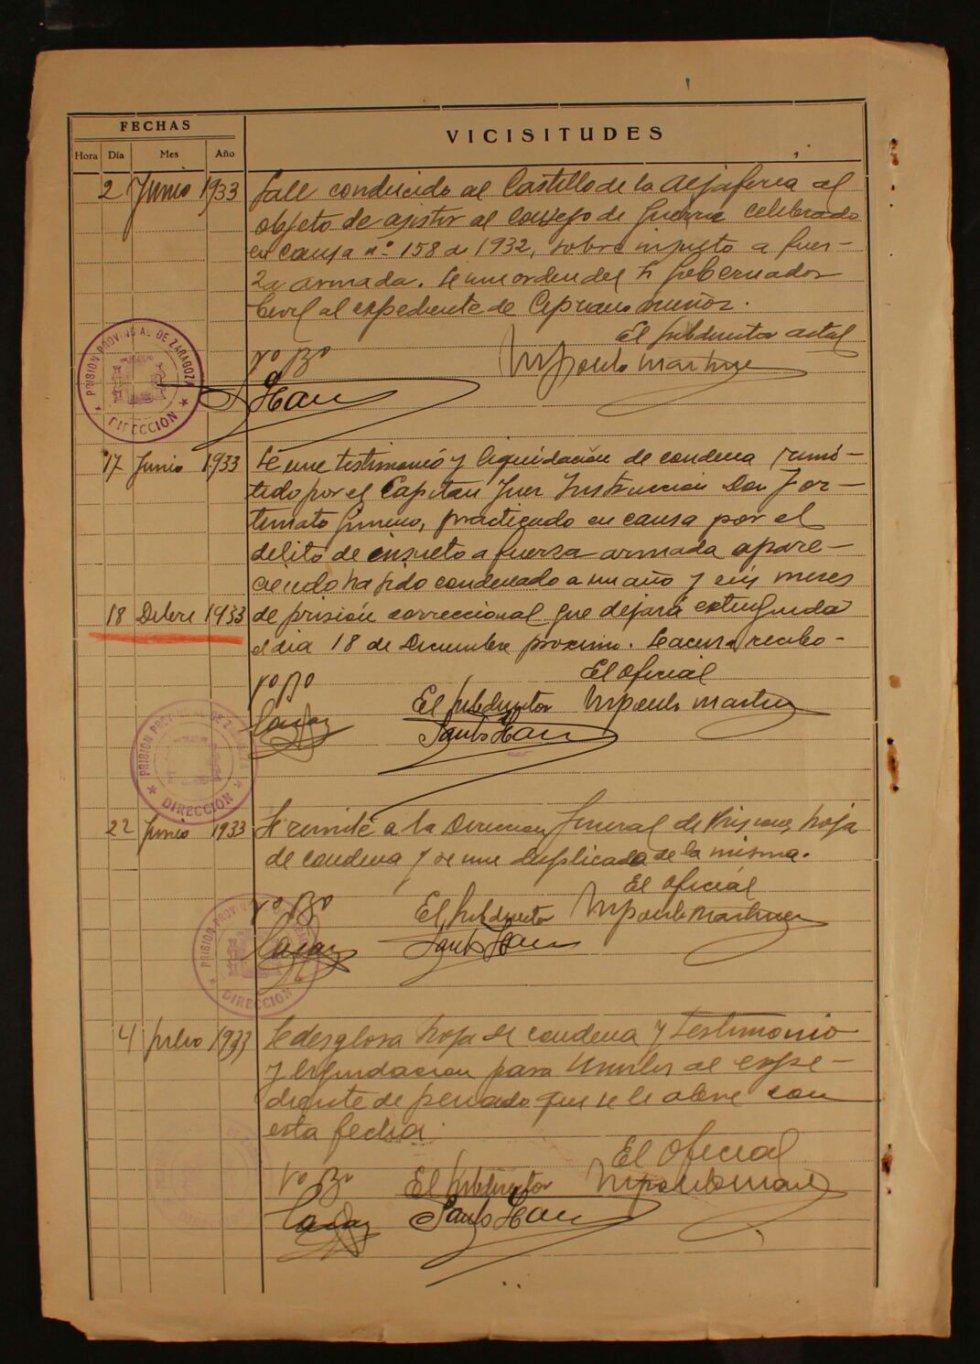 Documento pertenenciente al archivo de la Comisión Provincial de Incautaciones de Zaragoza, con fecha del 26 de julio de 1937.